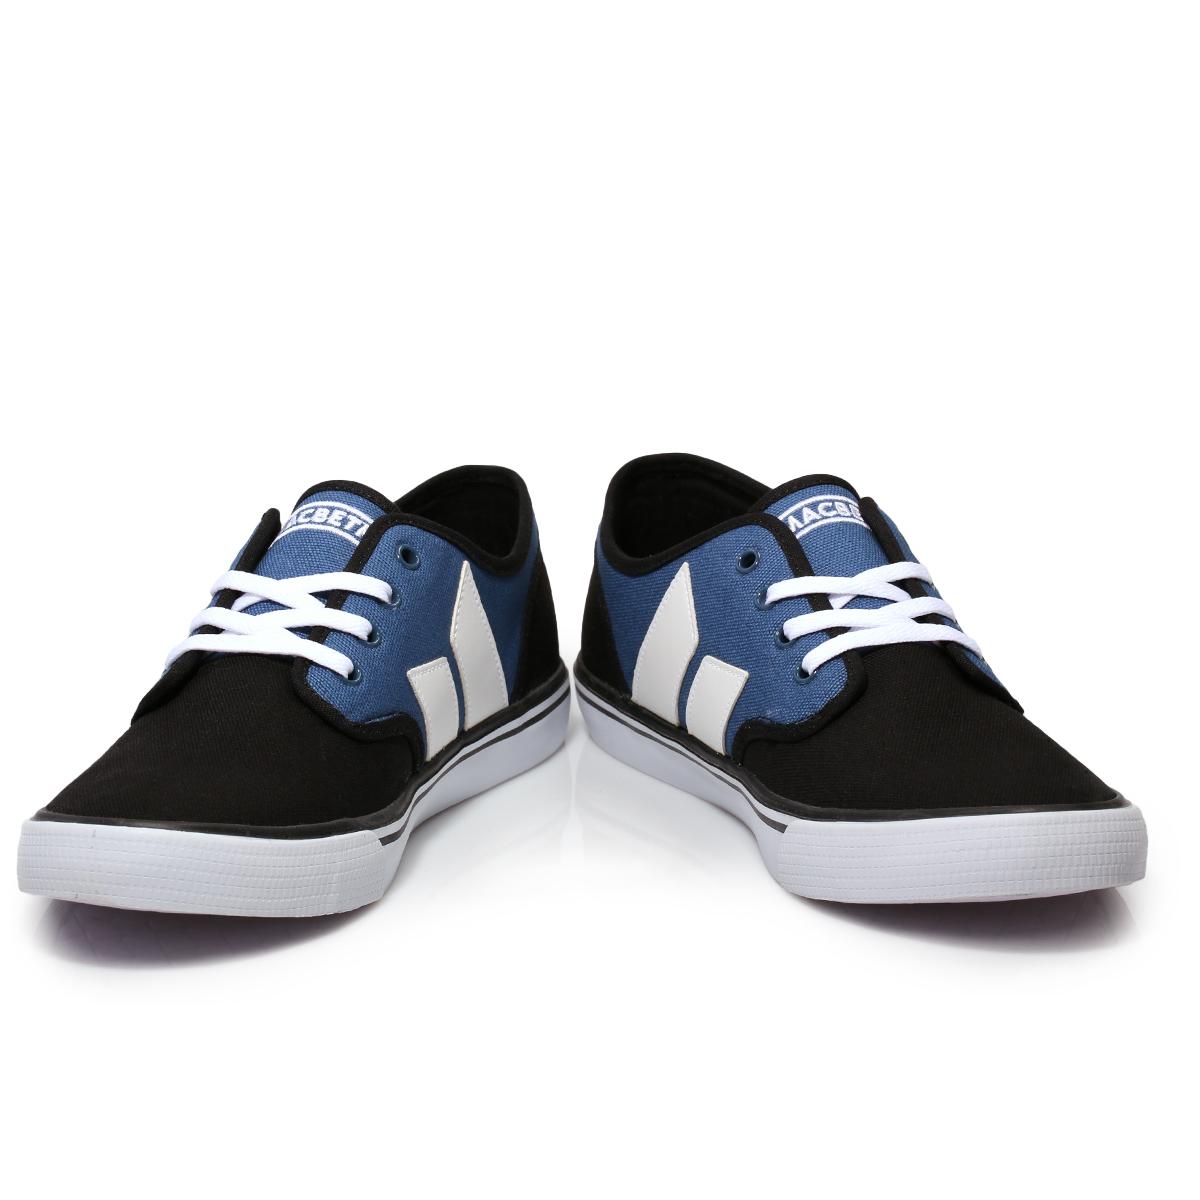 Macbeth Adams Camo Black Navy Blue Canvas Mens Trainers Sneakers Shoes Size  7 11  Macbeth. Macbeth Shoes